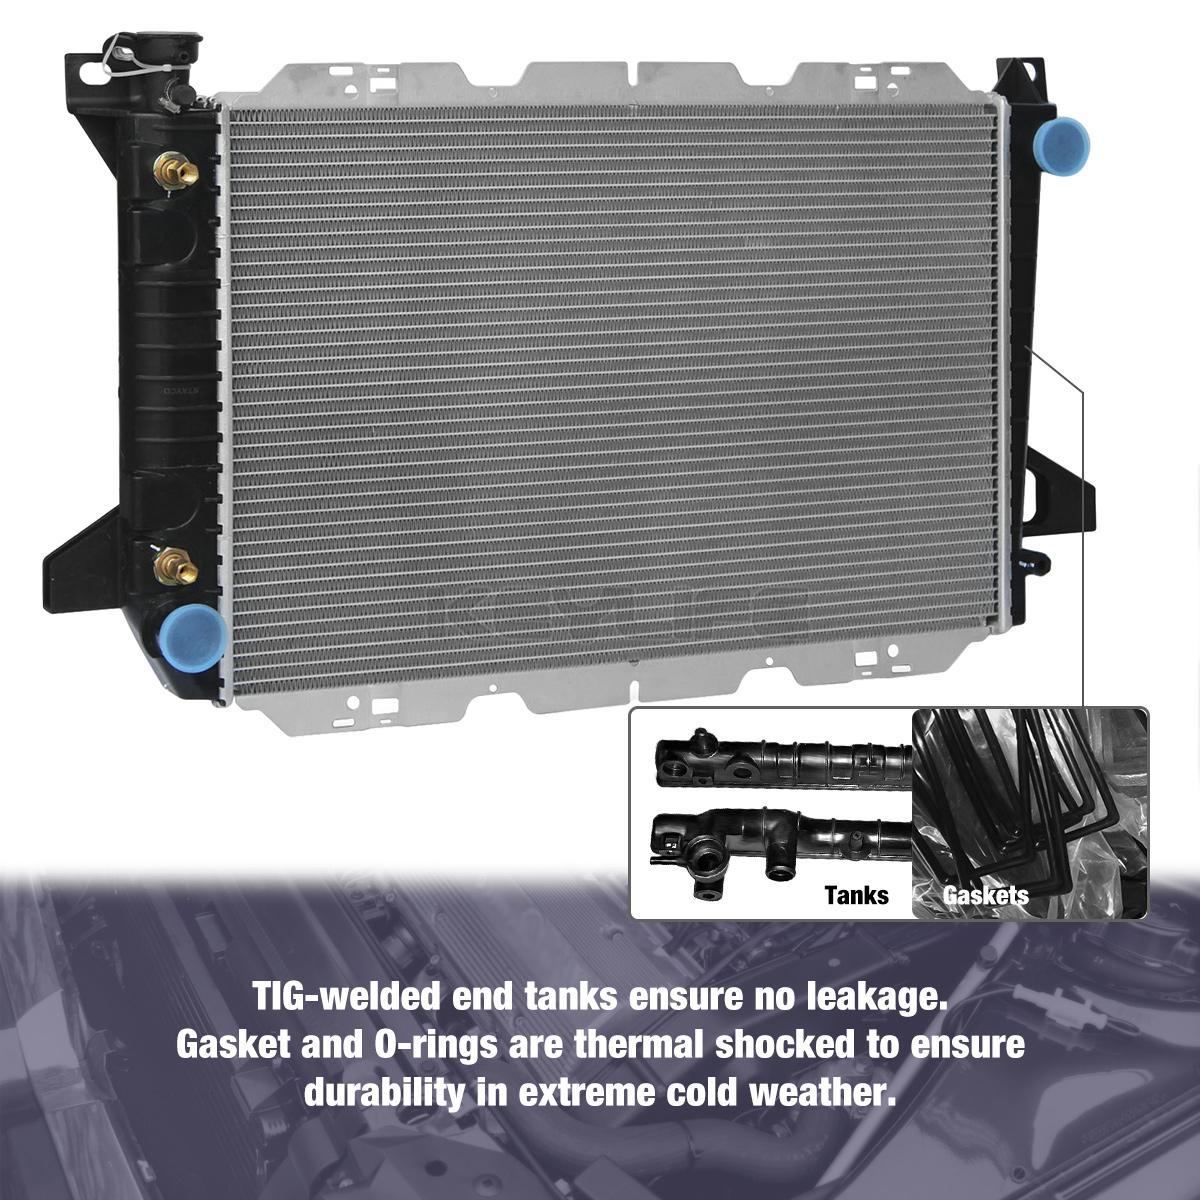 2-Row-Radiator-for-Ford-Bronco-F-150-F-250-F-350-5-0-5-8-7-5-V8